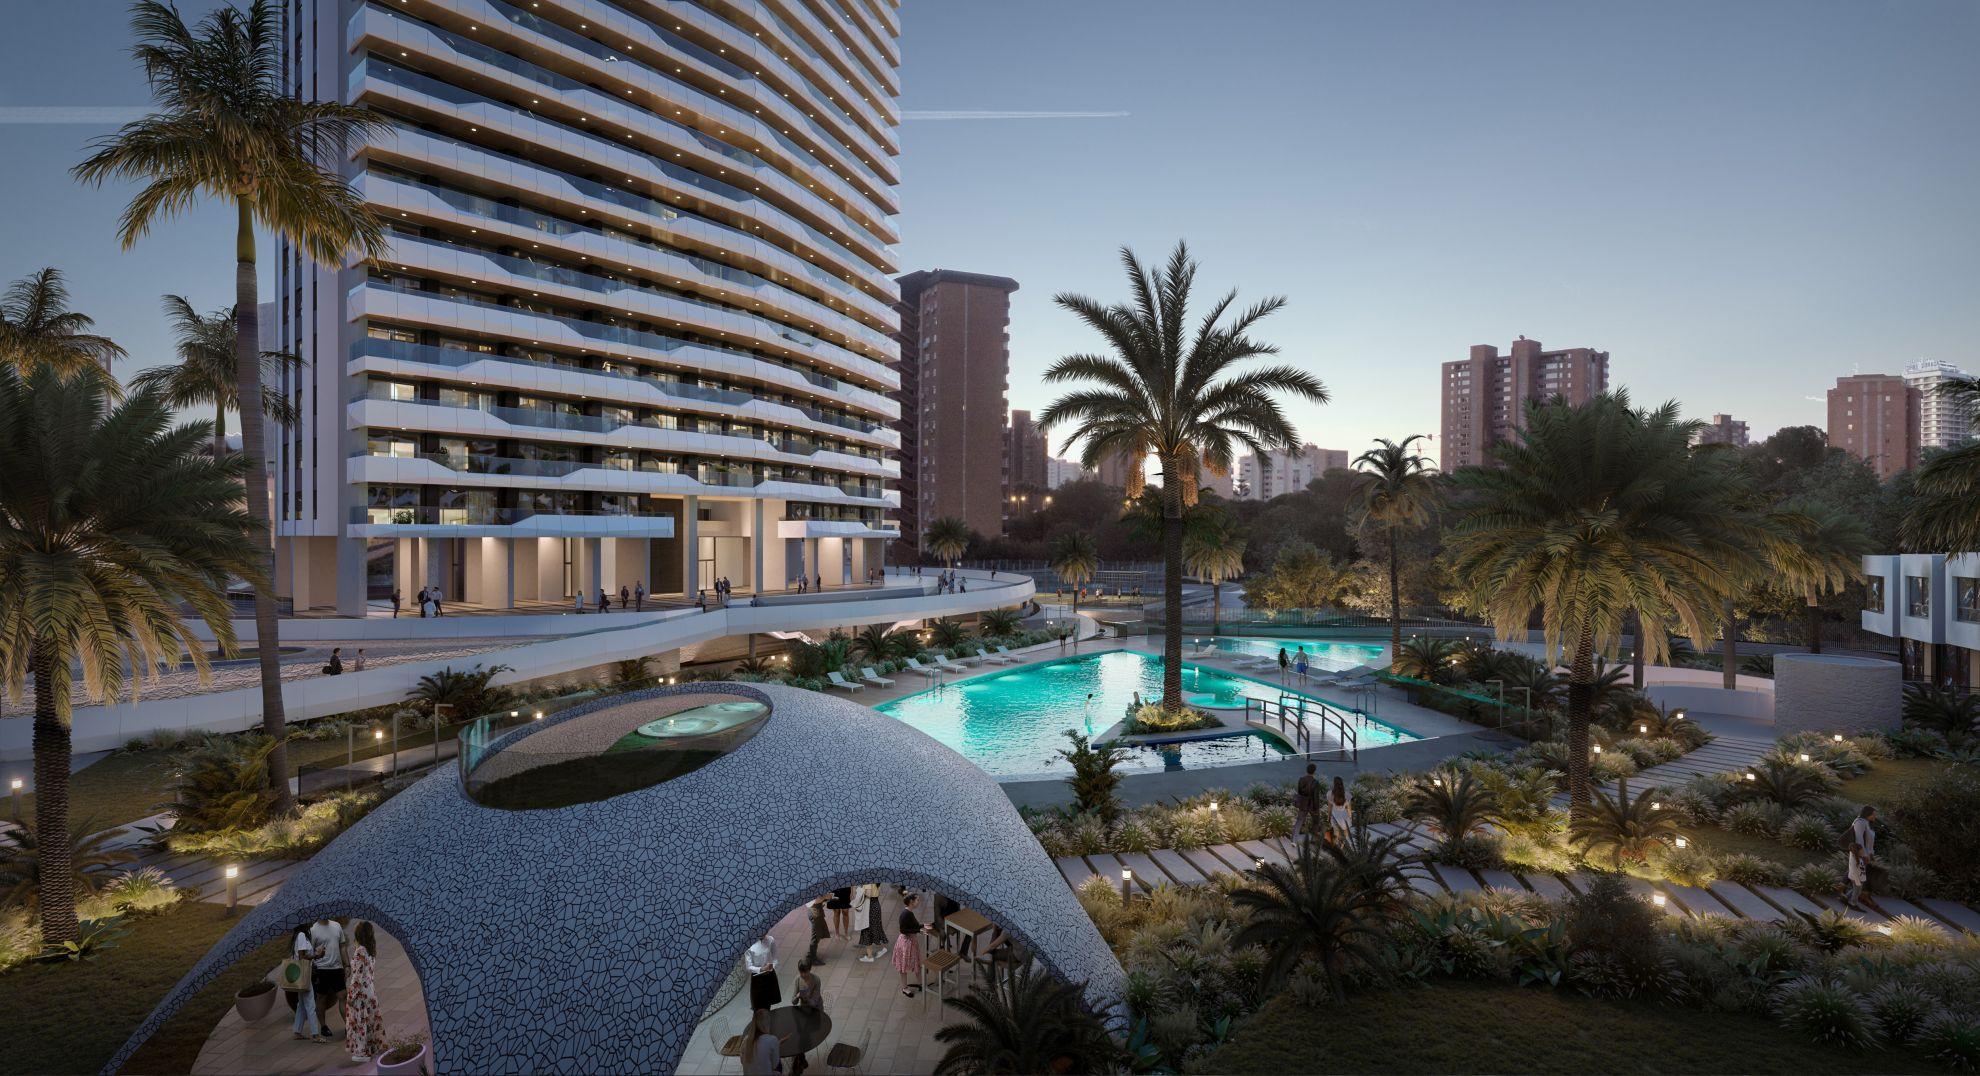 Modernos apartamentos en el mítico enclave de Benidorm 1